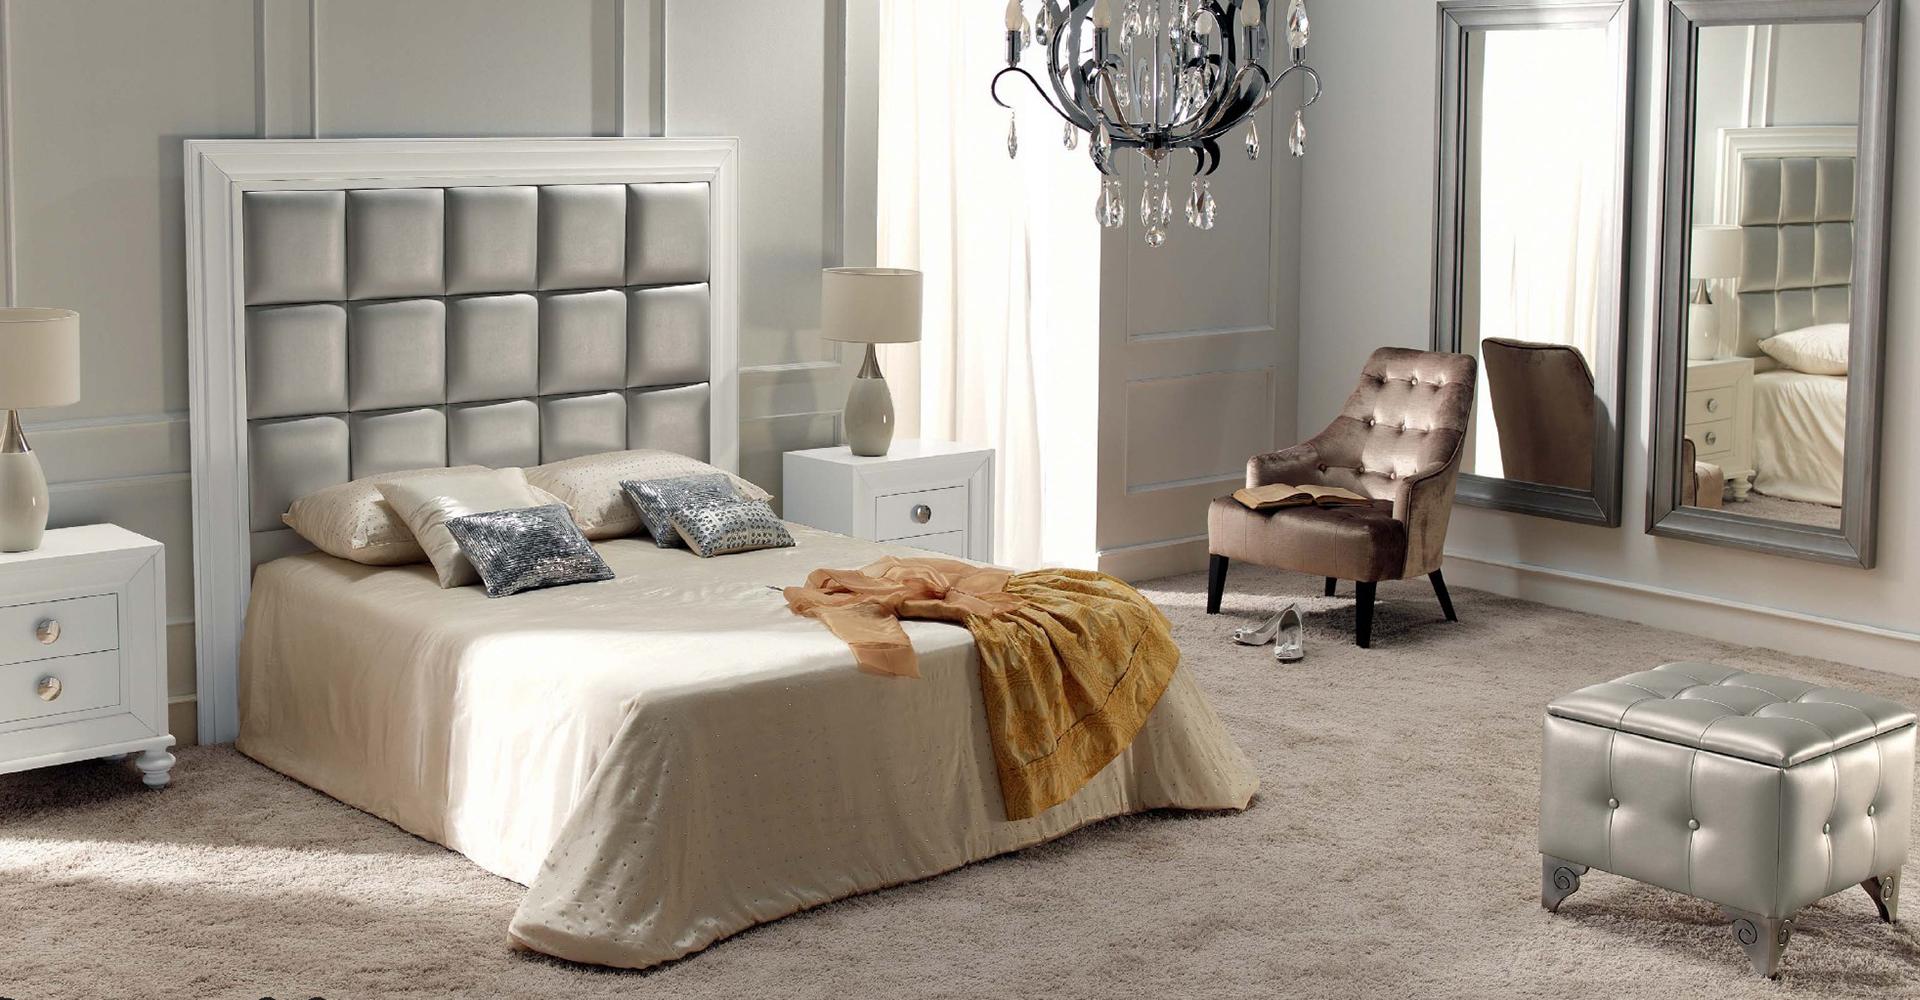 dormitorio de estilo contemporaneo (86)